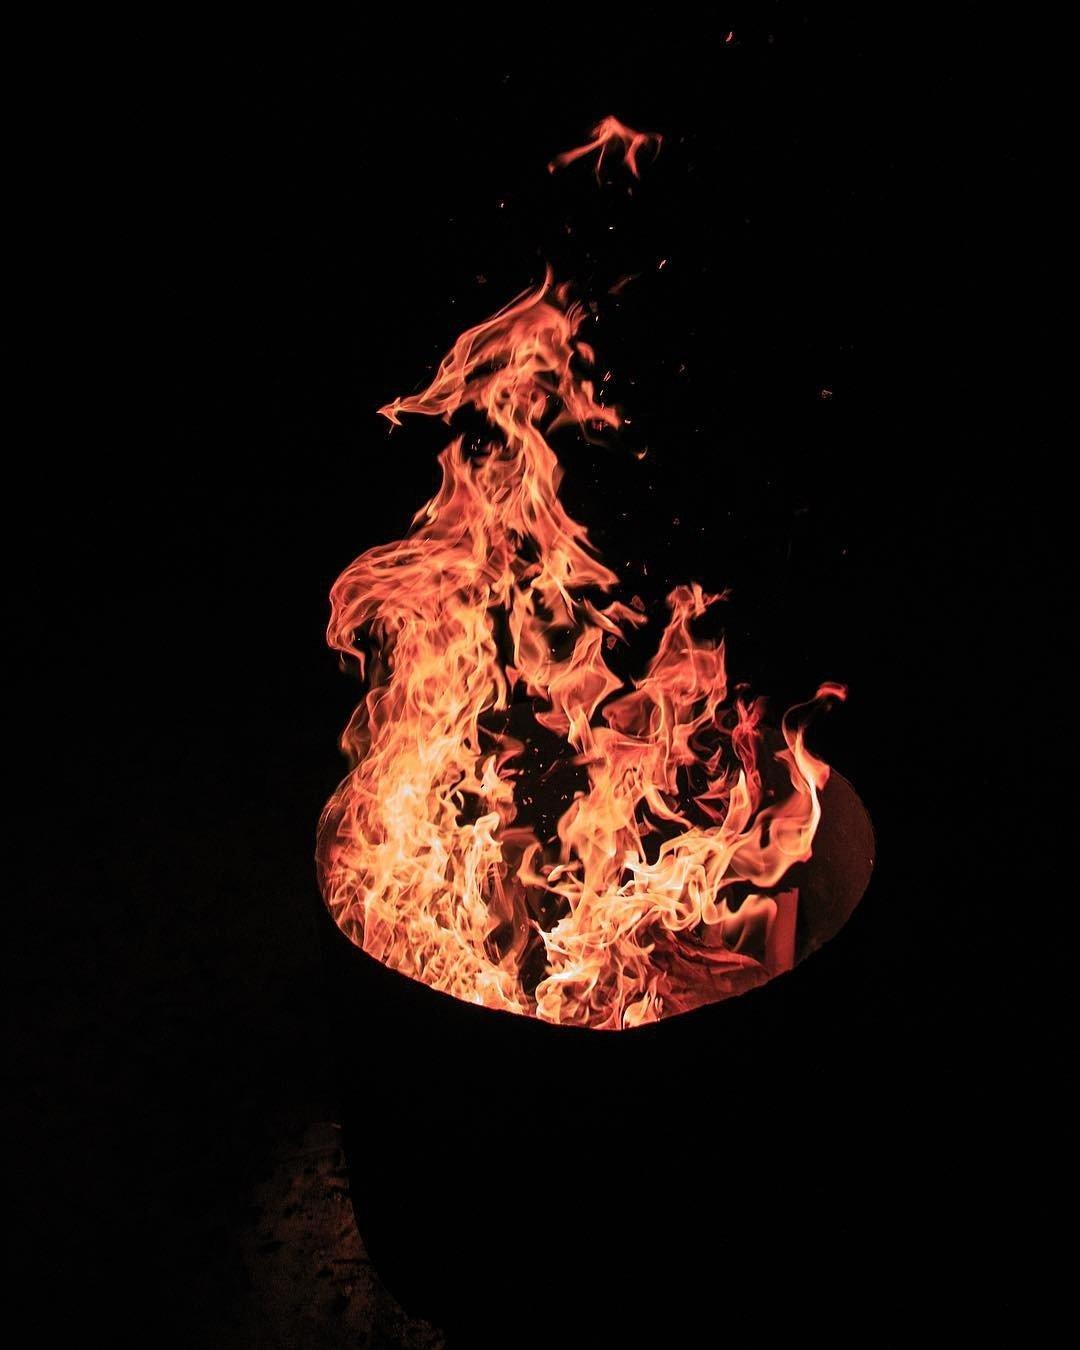 Как правильно фотографировать огонь сокращают